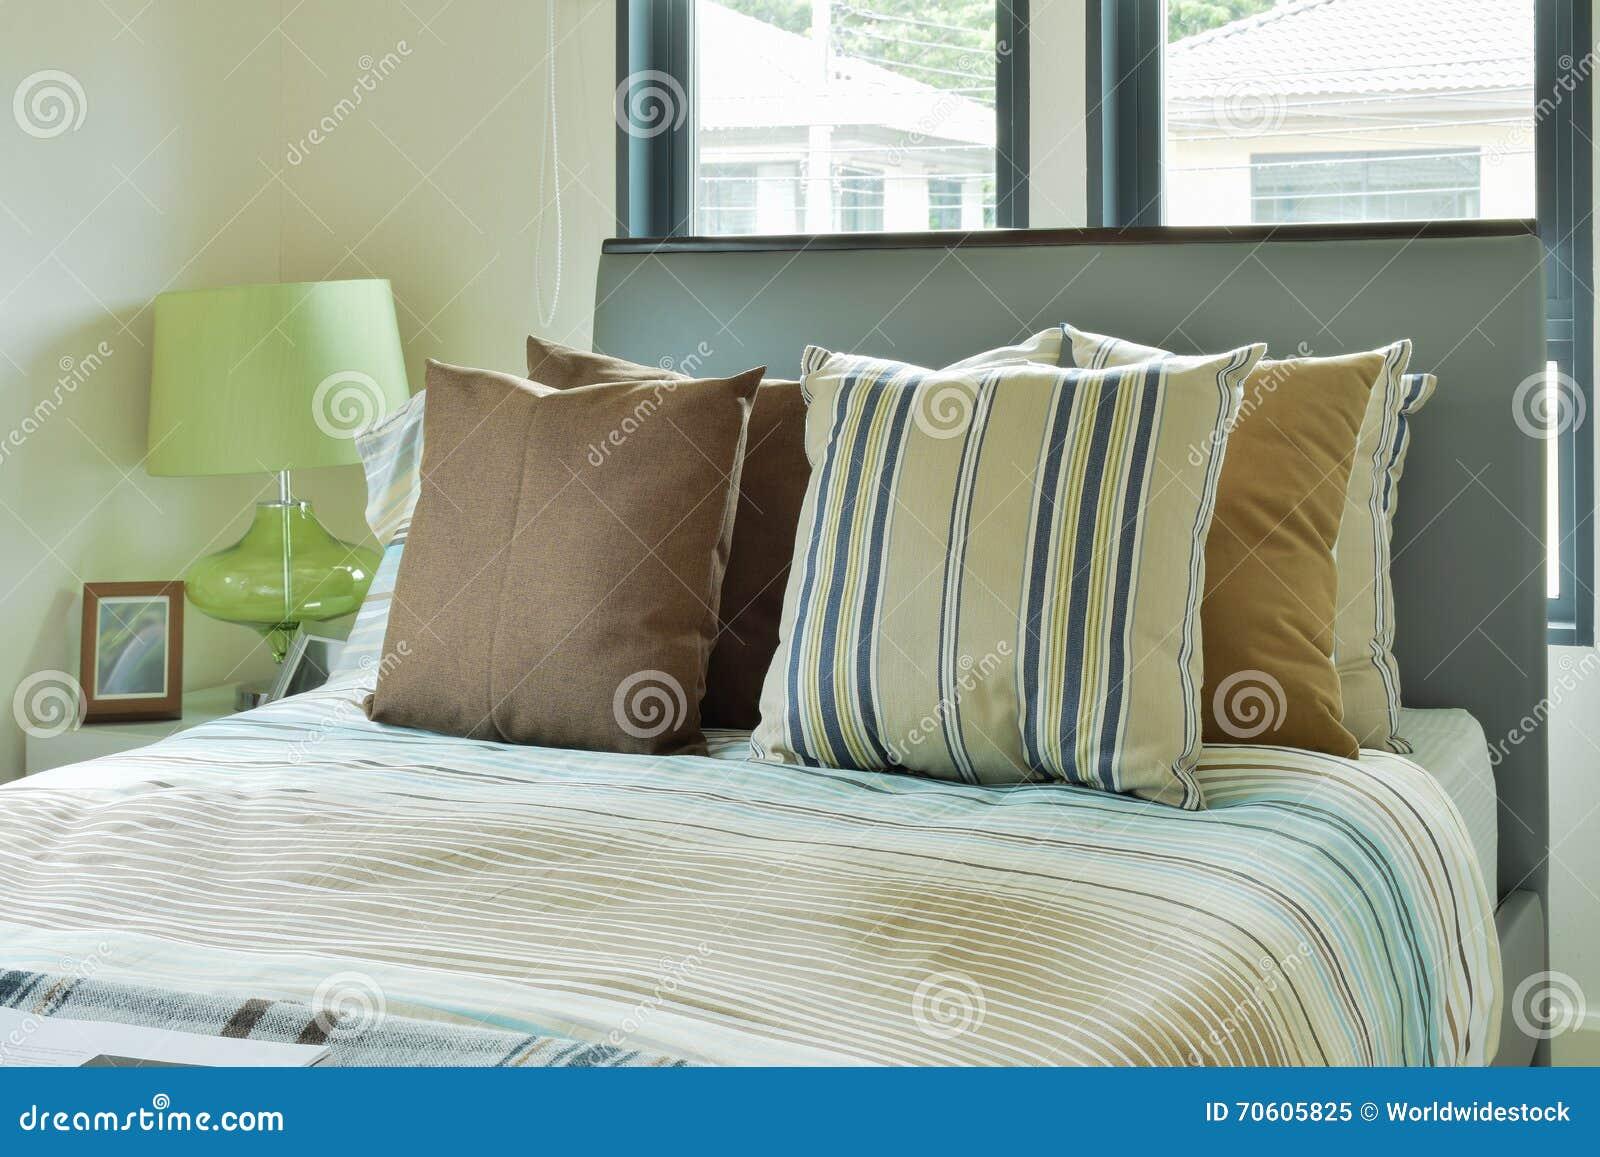 Bunte Bettwäsche Im Modernen Verzierten Schlafzimmer Stockbild